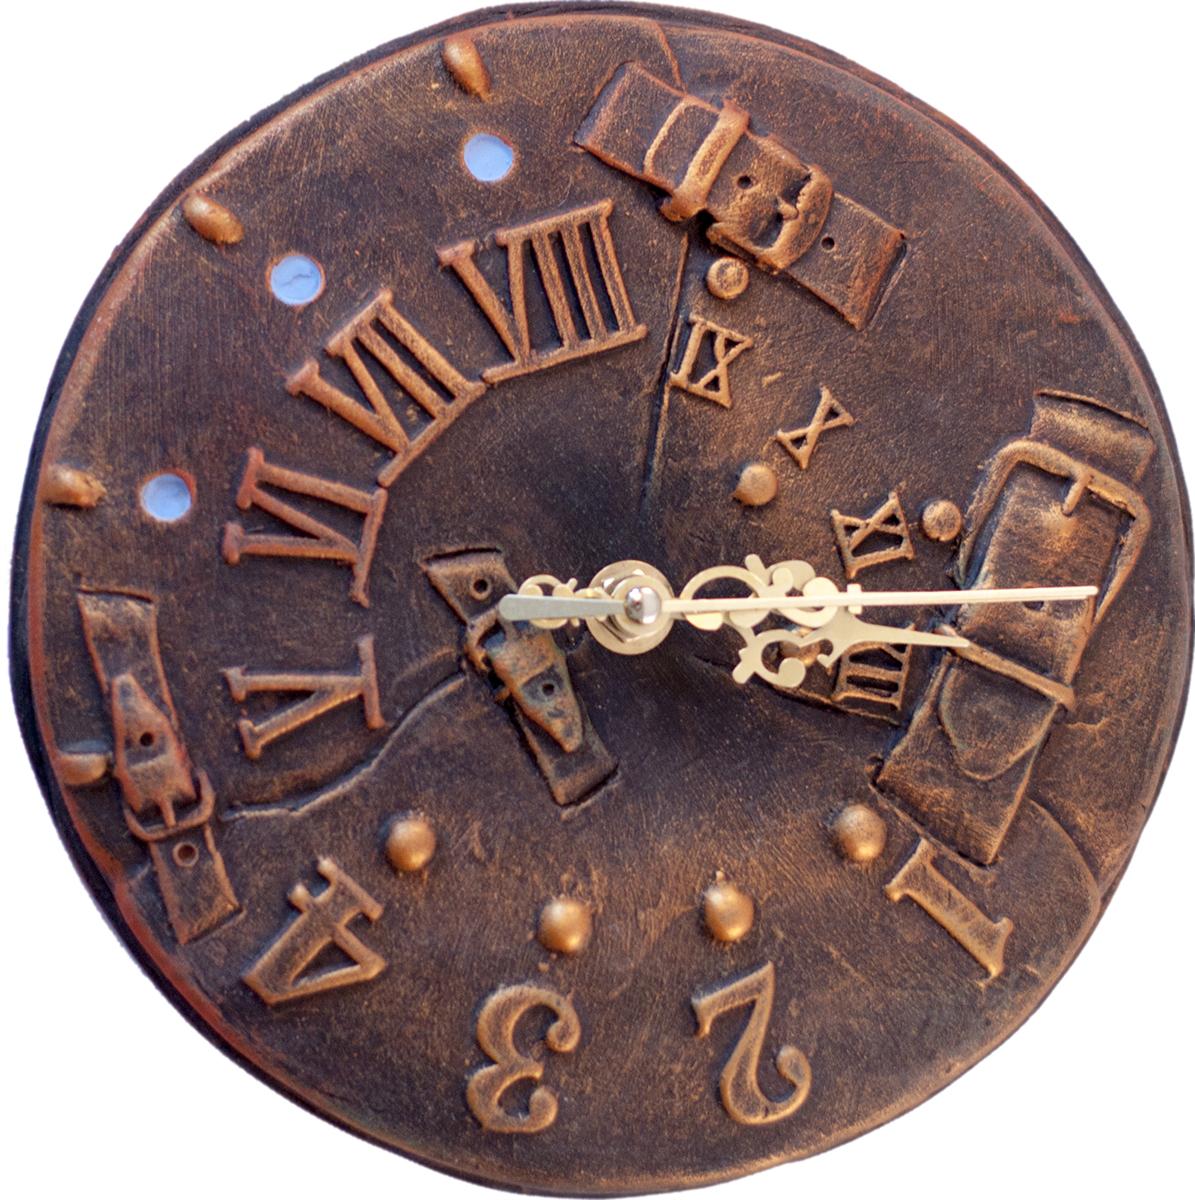 """Дизайнерские настенные часы """"Гардарик"""" nikch17ch4 из серии """"Стим Панк"""" - эта уникальная авторская вещь, хранит творческую энергию создателя, и, получив ее в домашнюю коллекцию, Вы ощутите не только гордость обладателя раритета, но и чувство сопричастности тому мгновению, в которое родилось произведение и наглядно убедитесь, что миг неповторим! Уважаемые клиенты! Изделие, выполненное под заказ, может незначительно отличаться от фотографии, общий вид остается."""